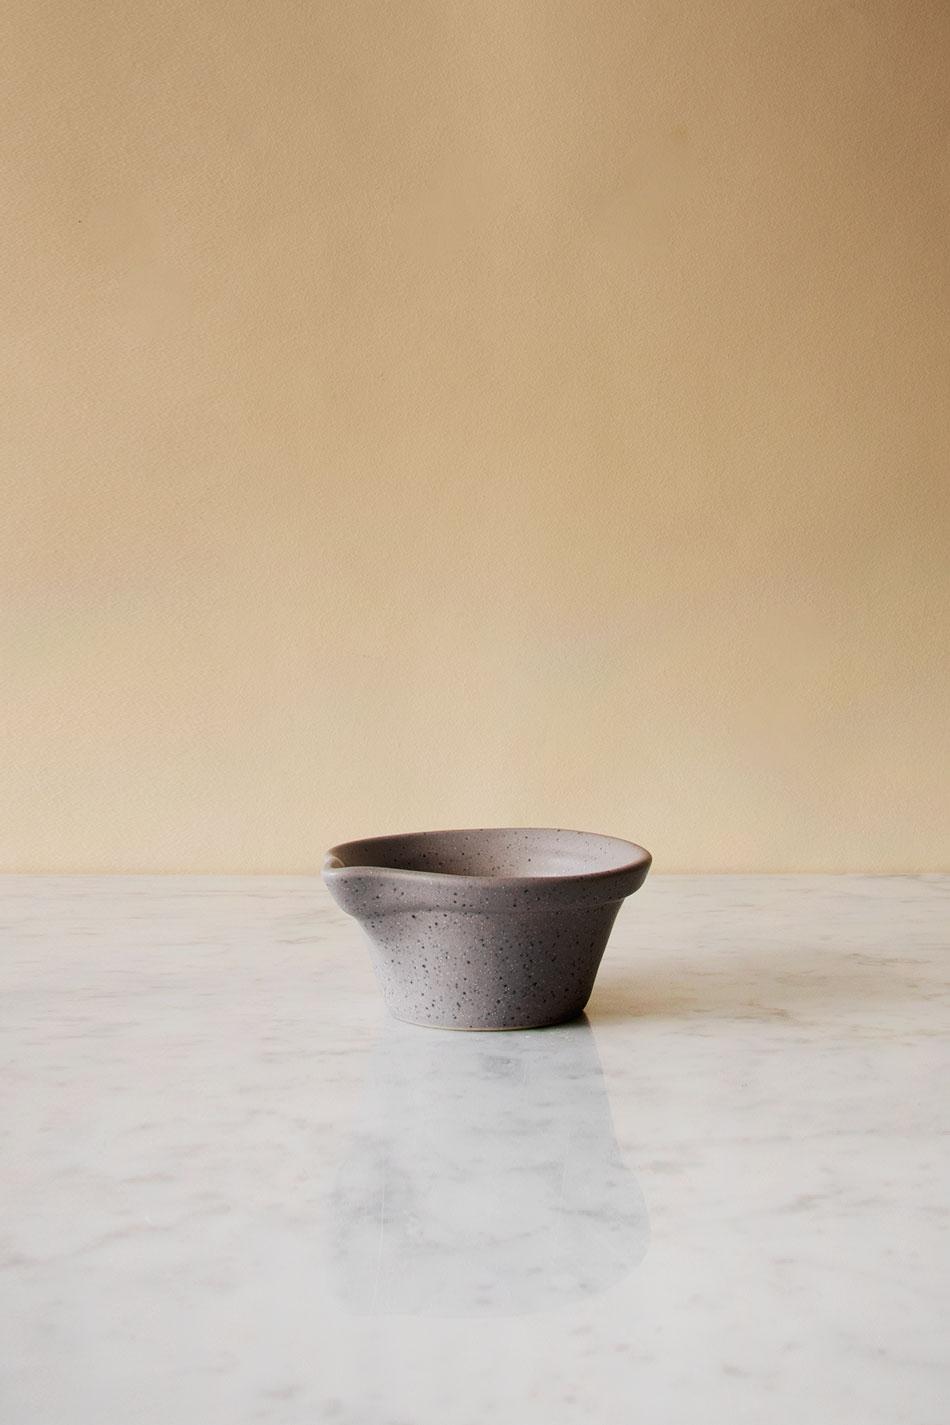 Peep Bowl Spilkum 12cm Quiet